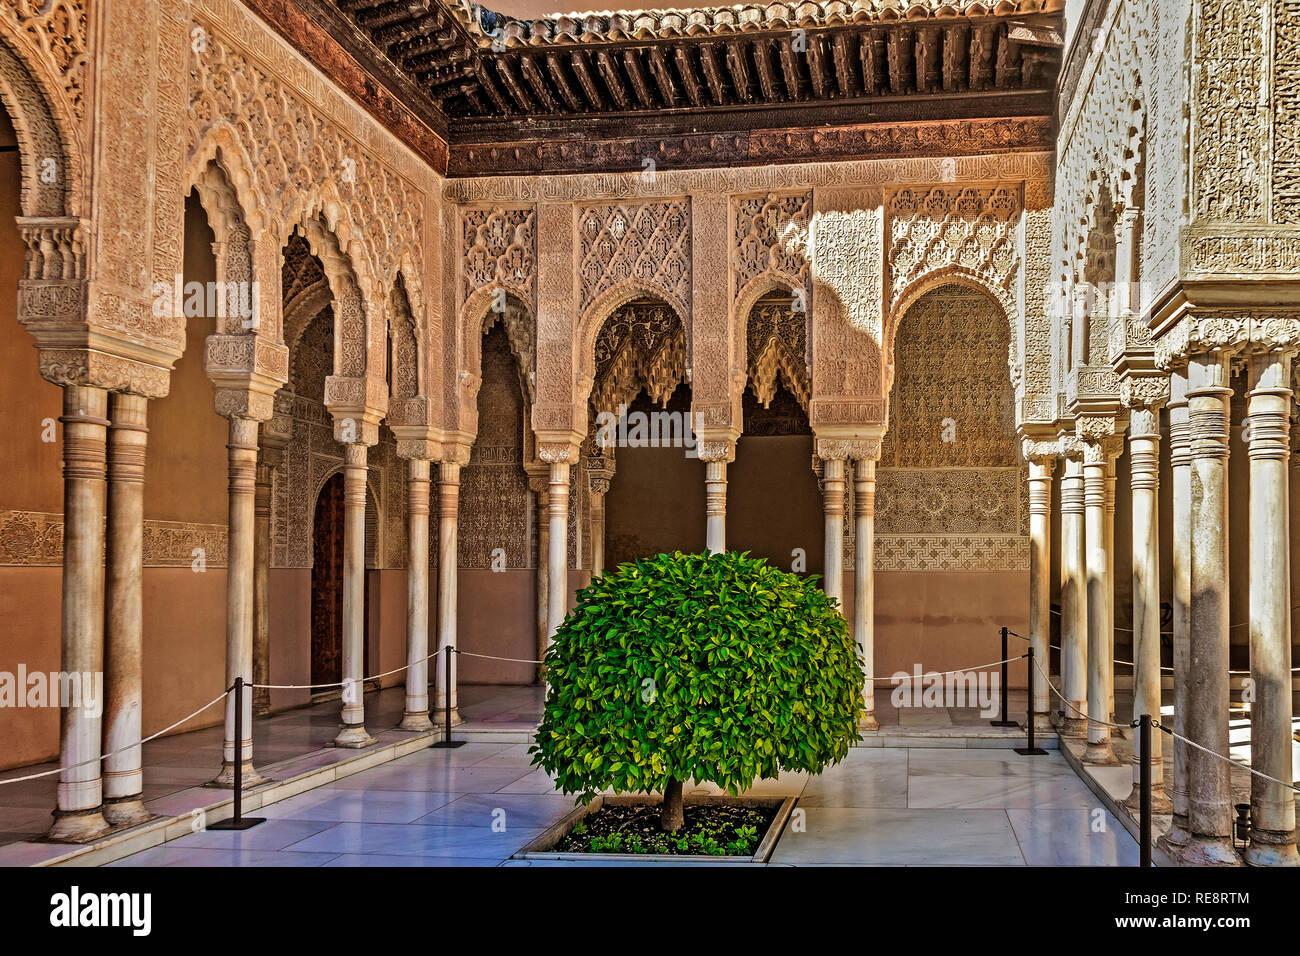 Patio De Los Leones Alhambra Palace Granada Spain Stock Photo